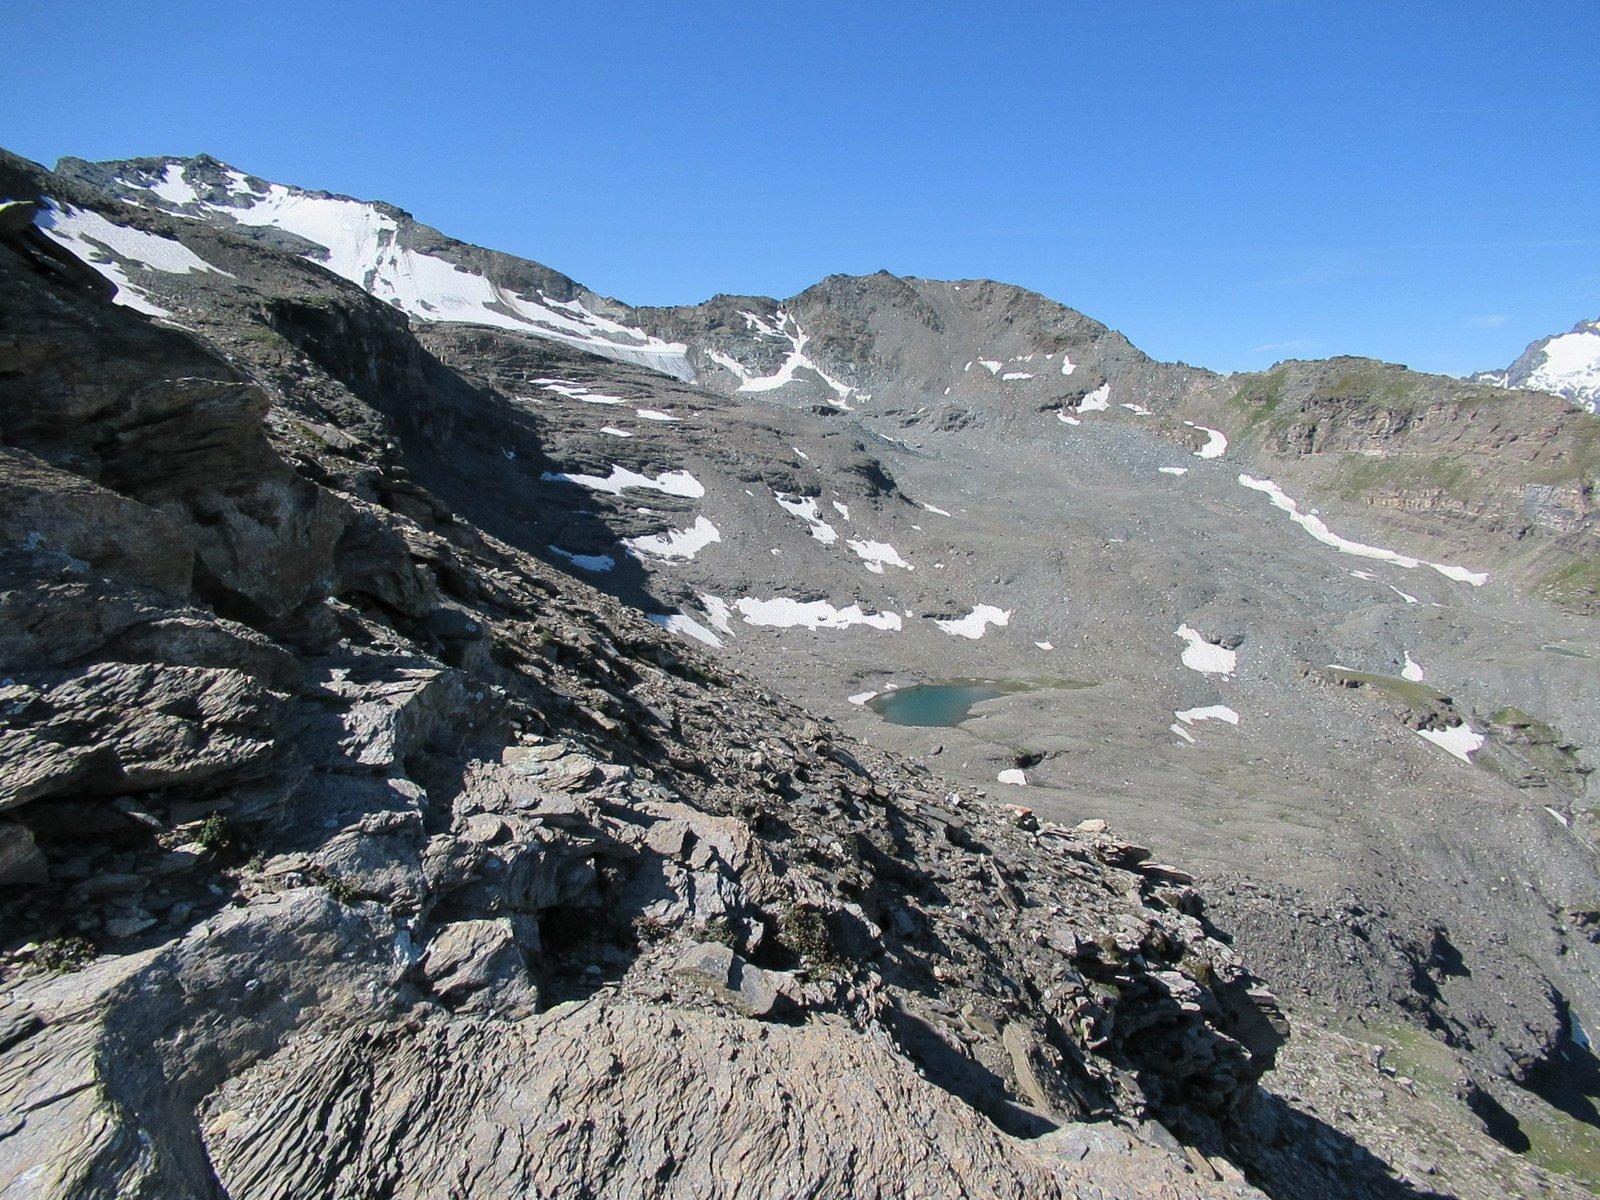 Verconey (Becca di) da Revers per l'Alpe di Boregne 2018-08-11